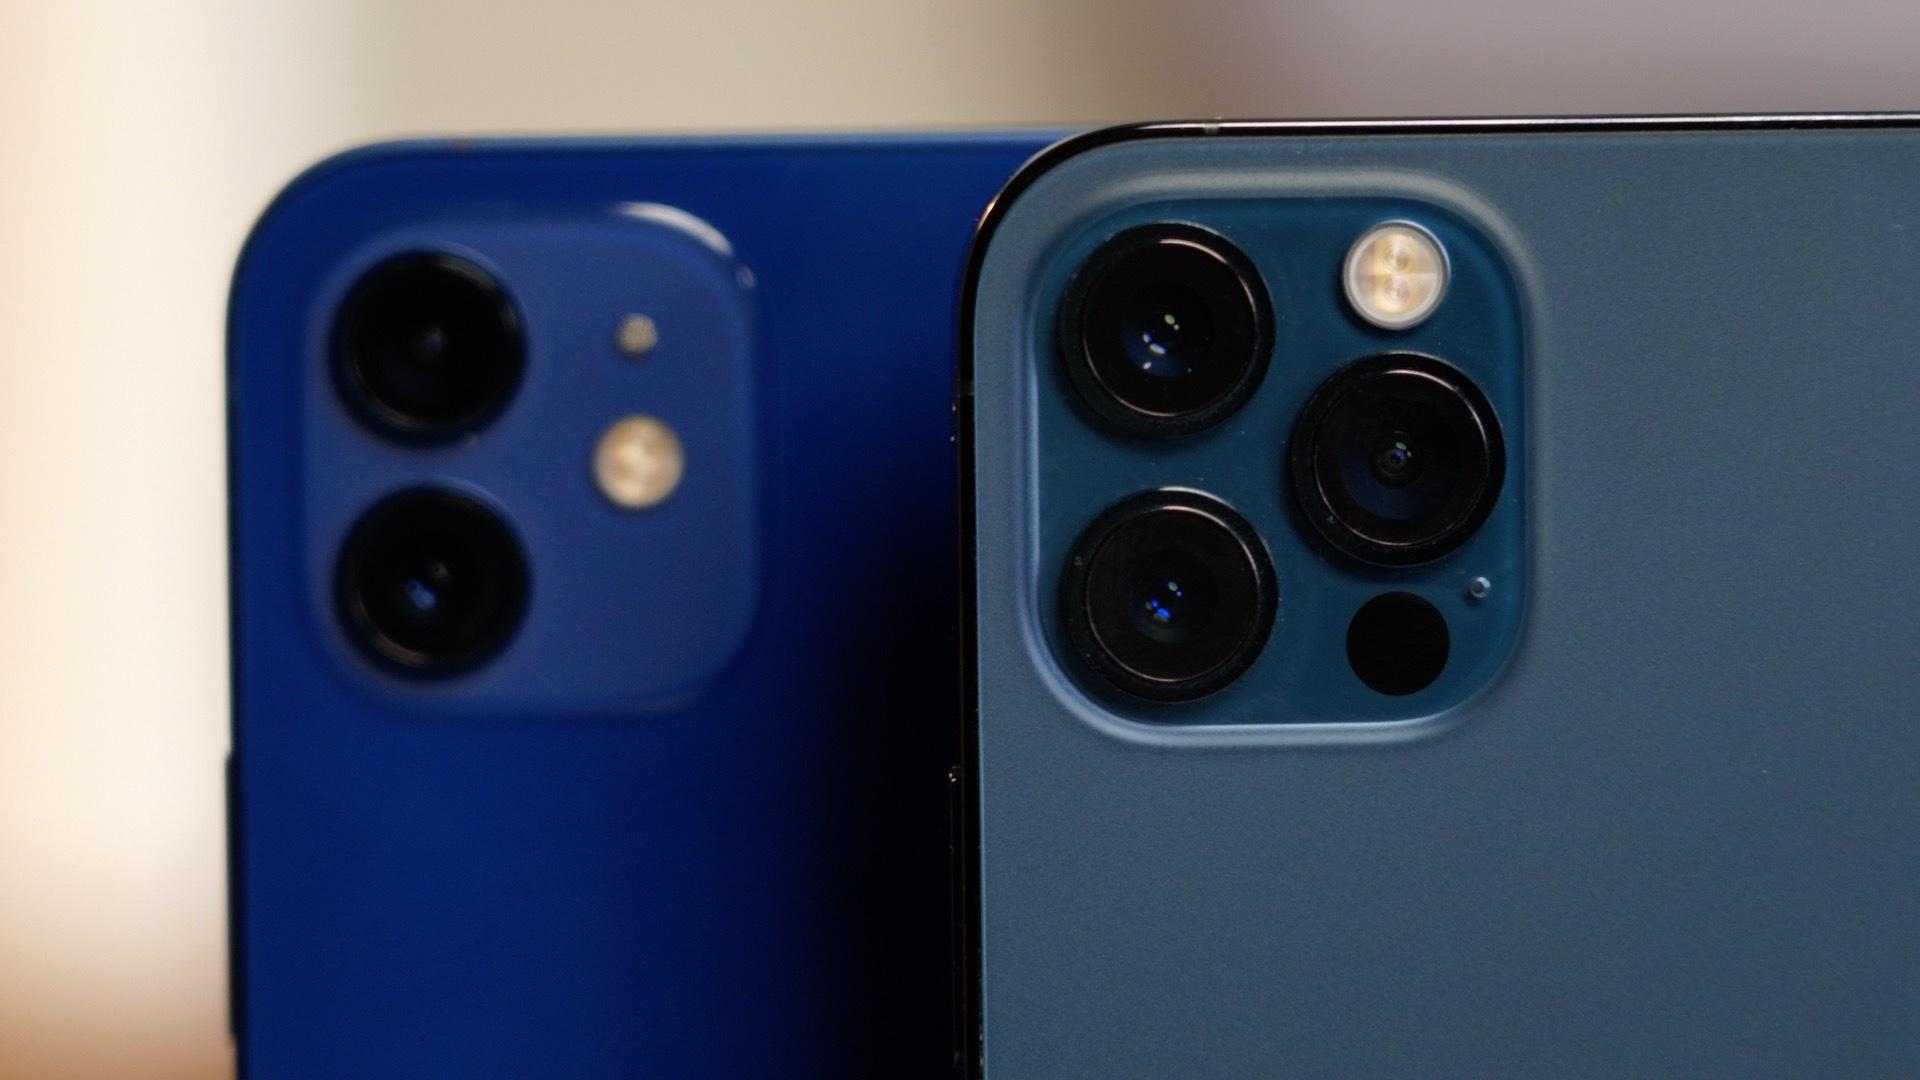 iPhone 12 cameras